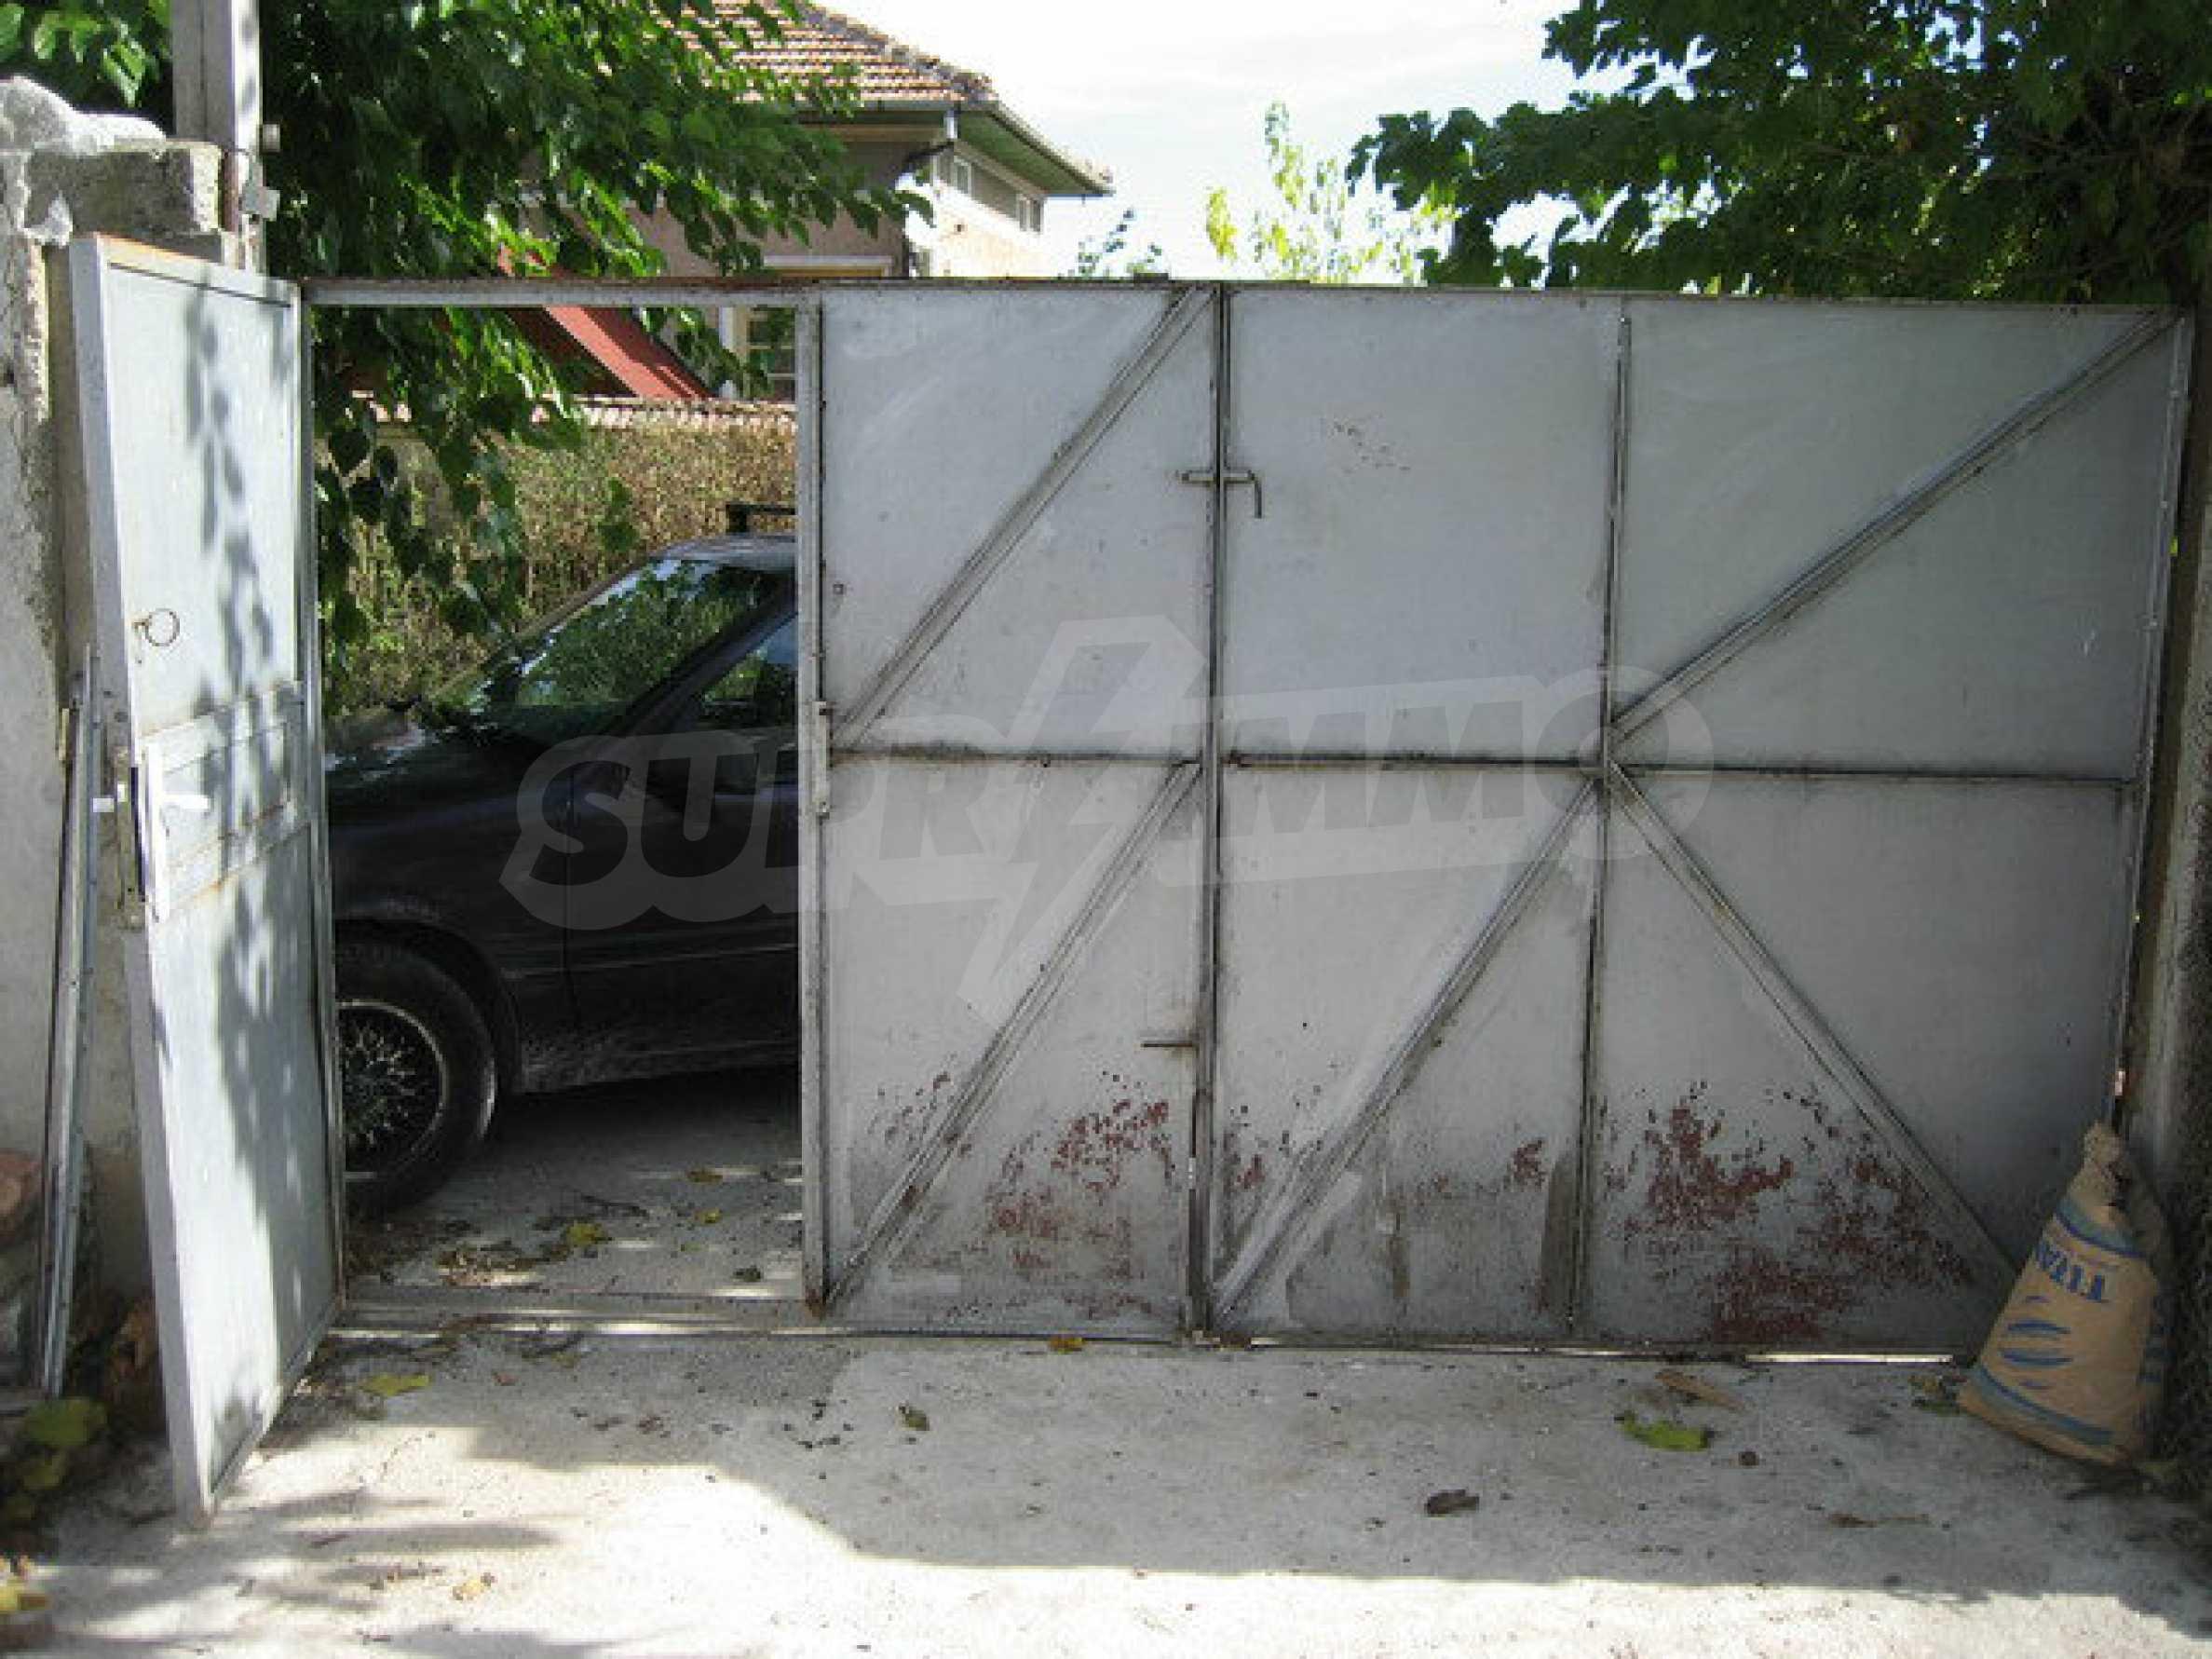 Wohnhaus in einer malerischen Gegend in der Nähe von Veliko Tarnovo 1